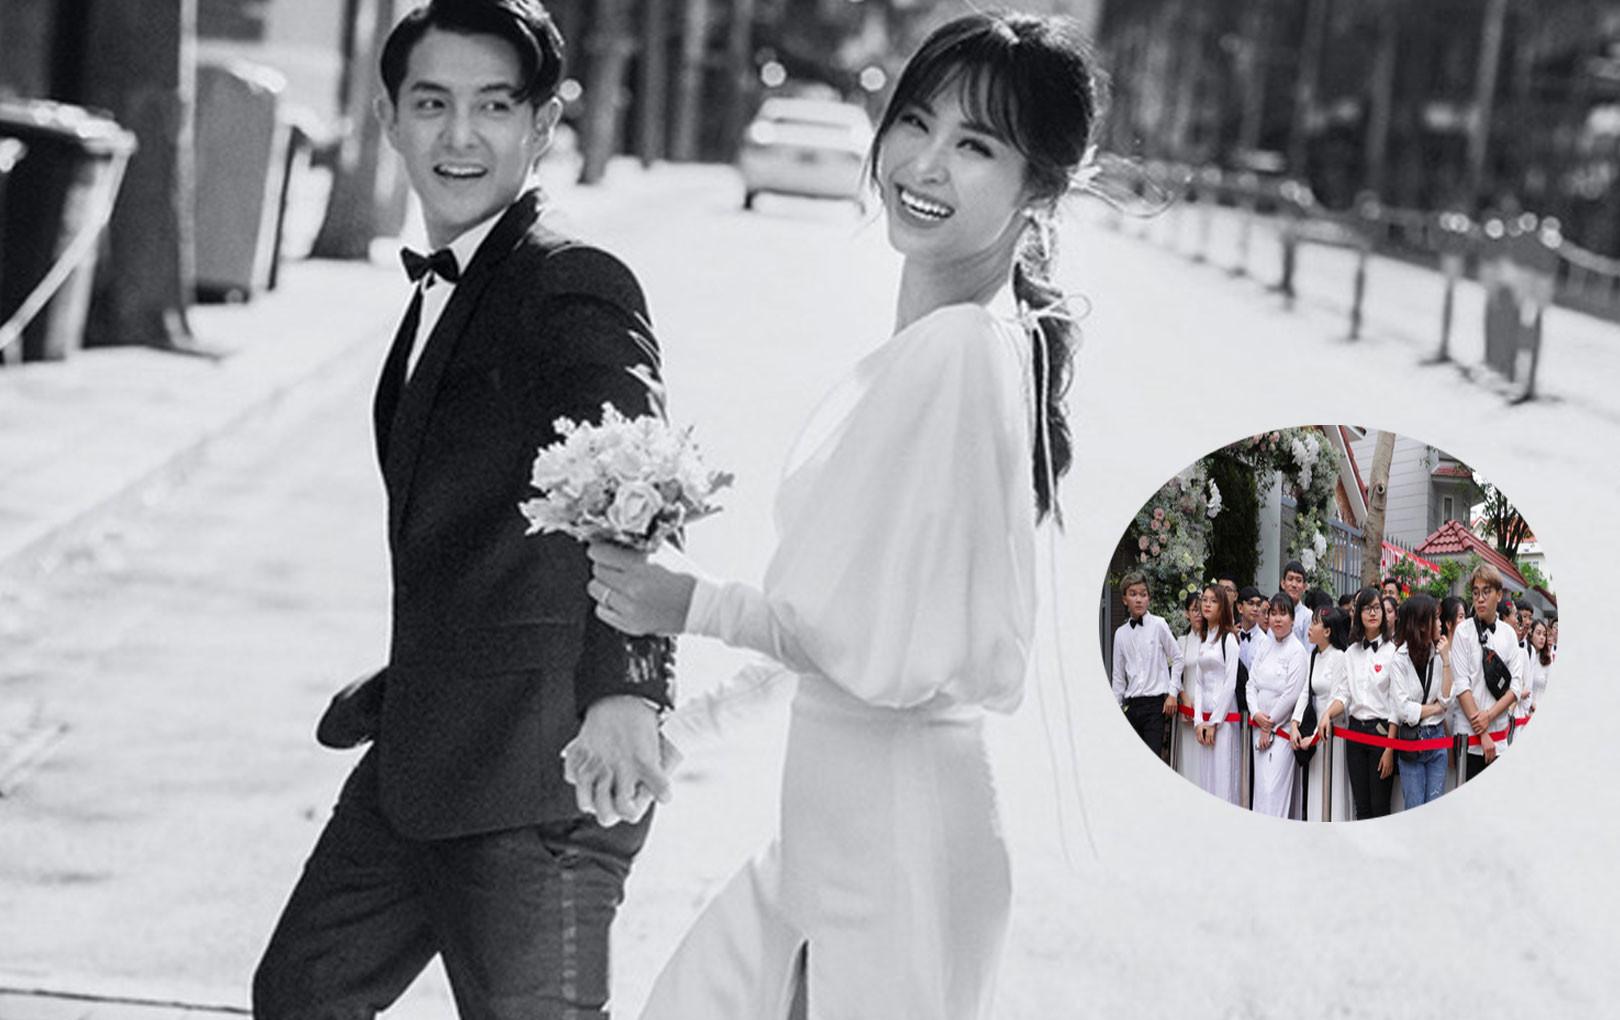 Lễ rước dâu Đông Nhi - Ông Cao Thắng: Fan nữ đồng loạt diện áo dài trắng, nam mặc áo trắng đeo nơ